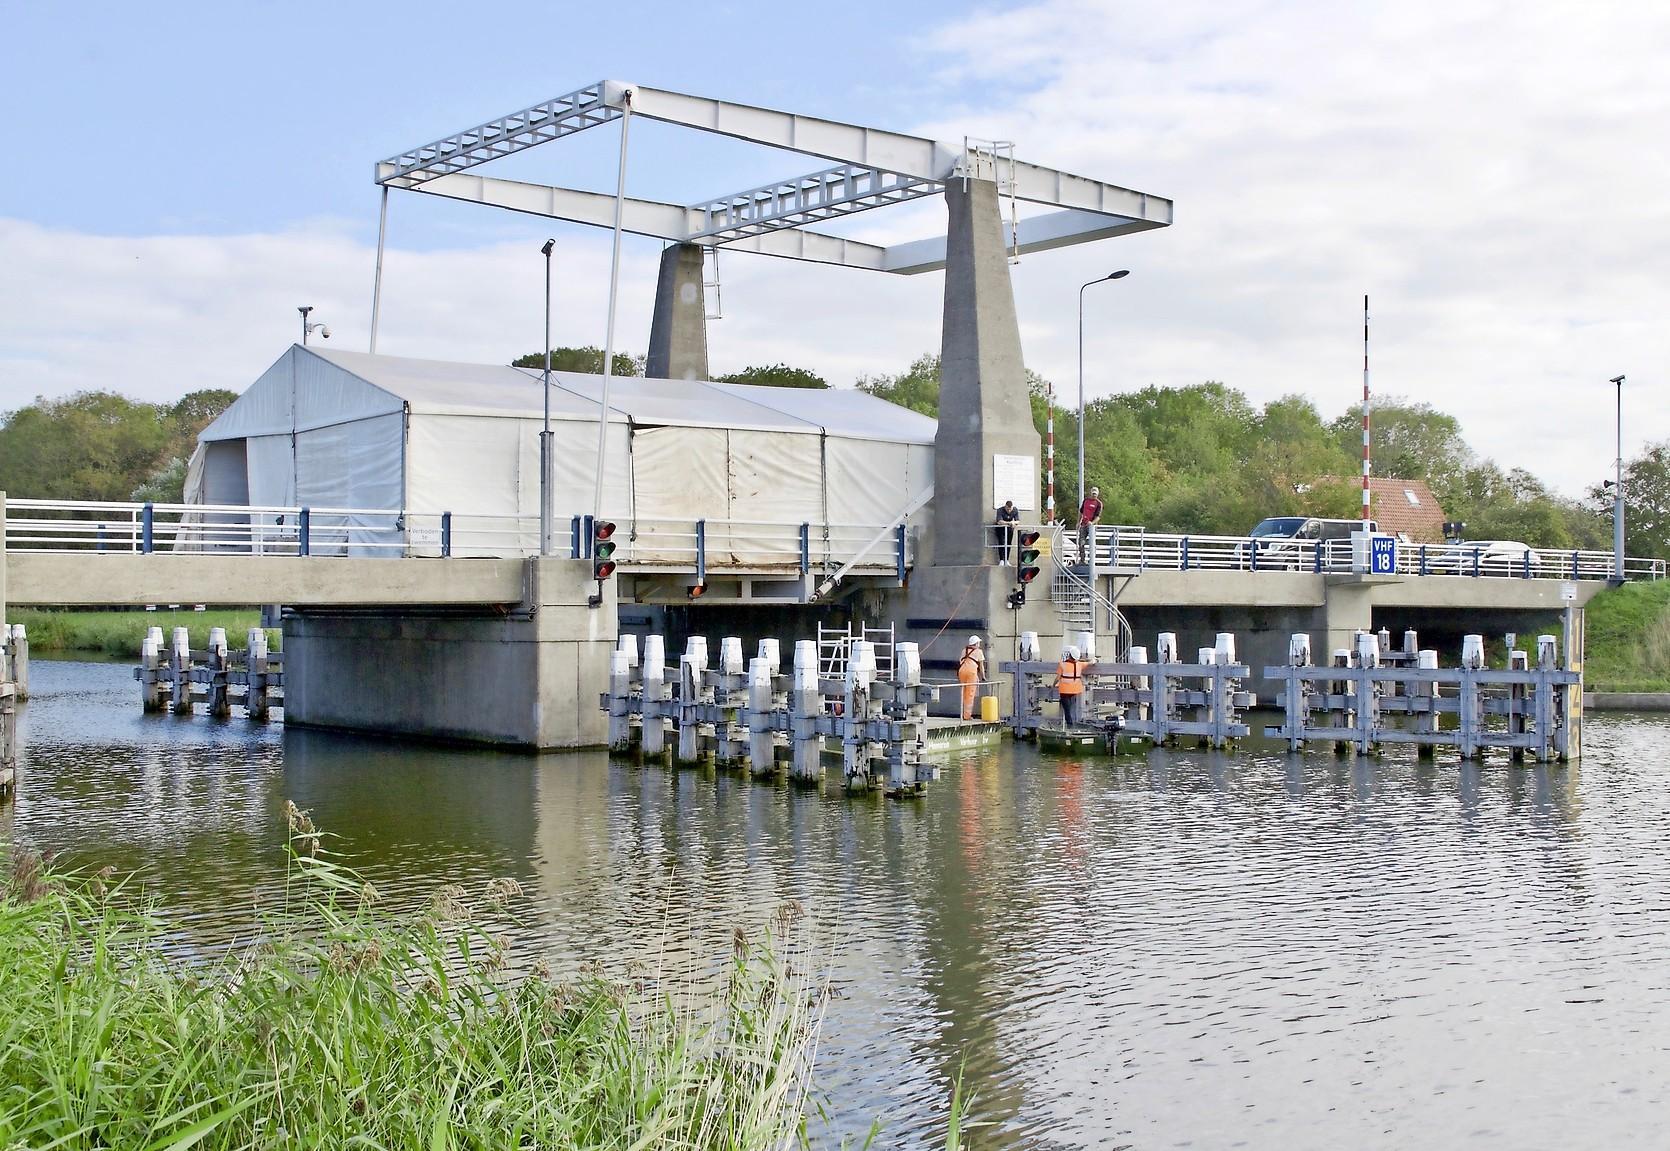 Onderhoud aan Waardbrug bij Kolhorn in juni, dus de klep staat een paar nachten open